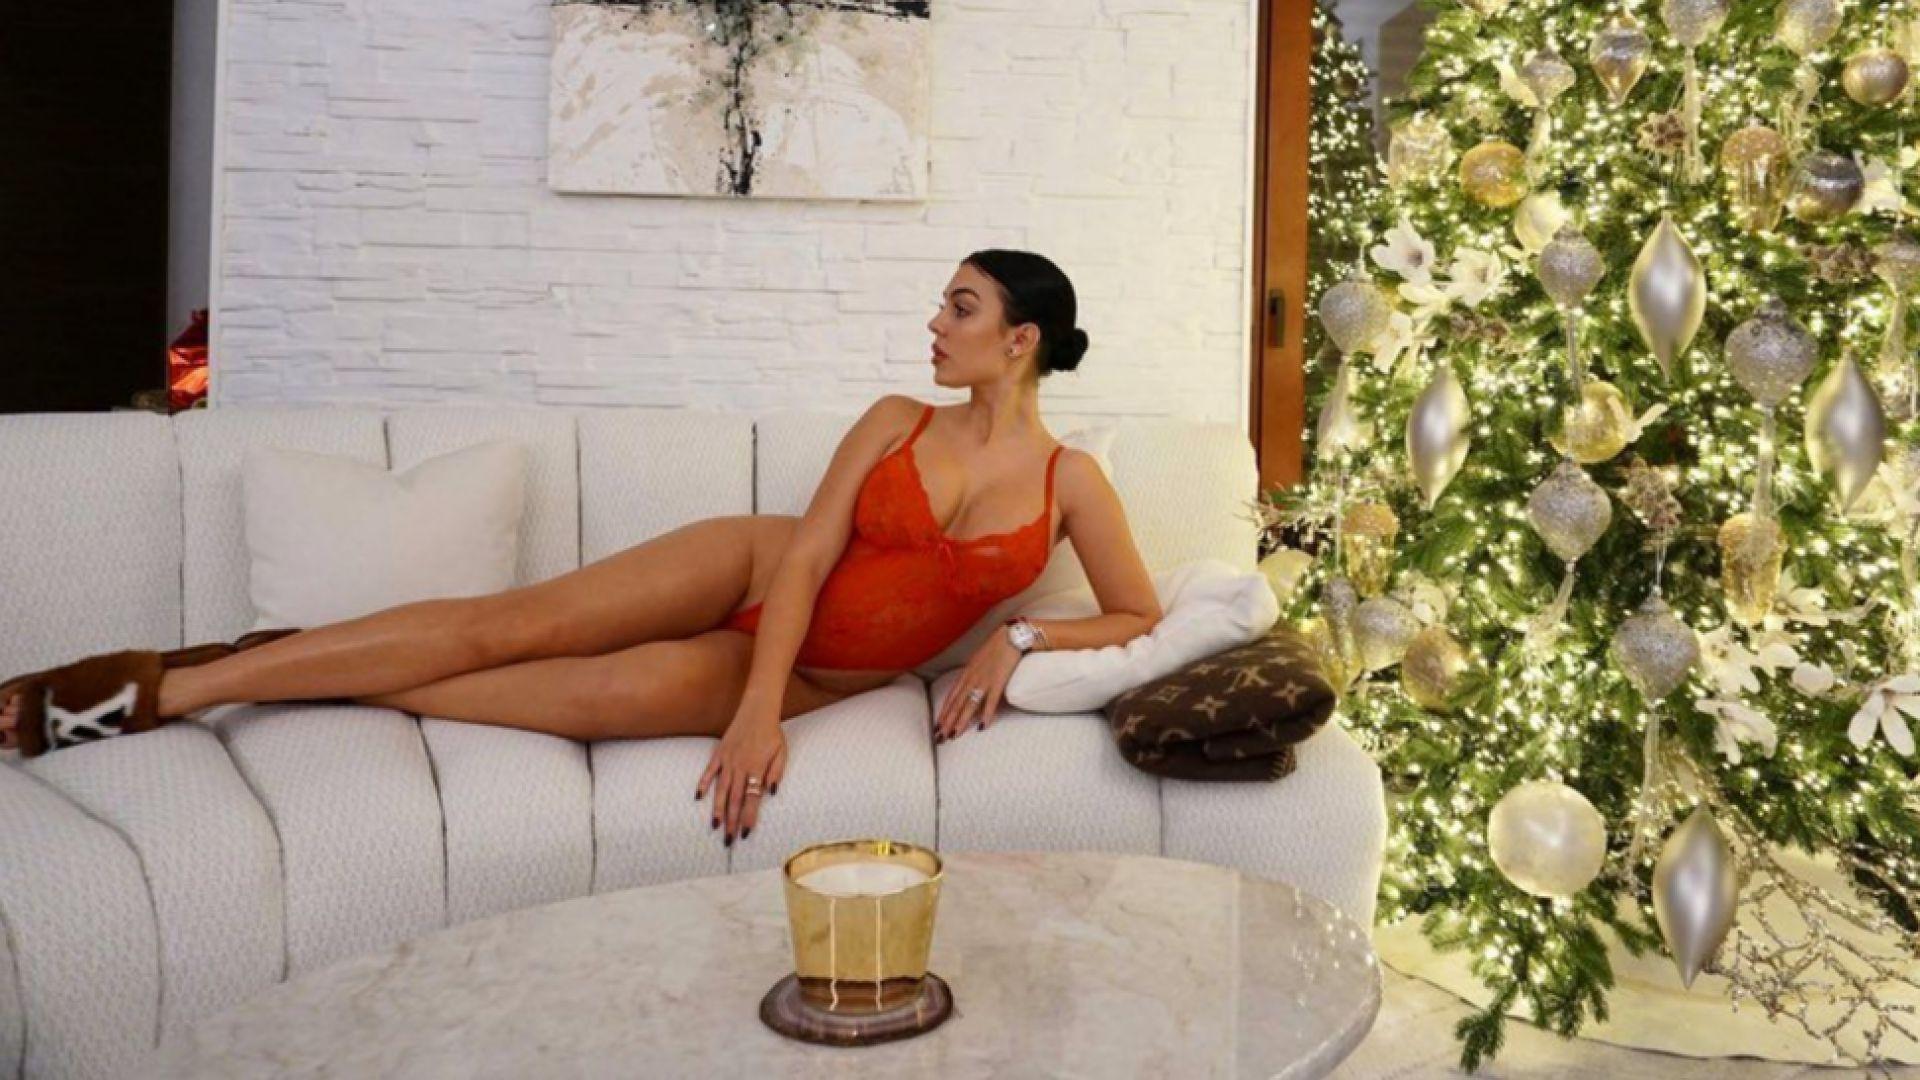 Тиха нощ, секси нощ: Половинката на Роналдо по изрязано боди до коледната елха